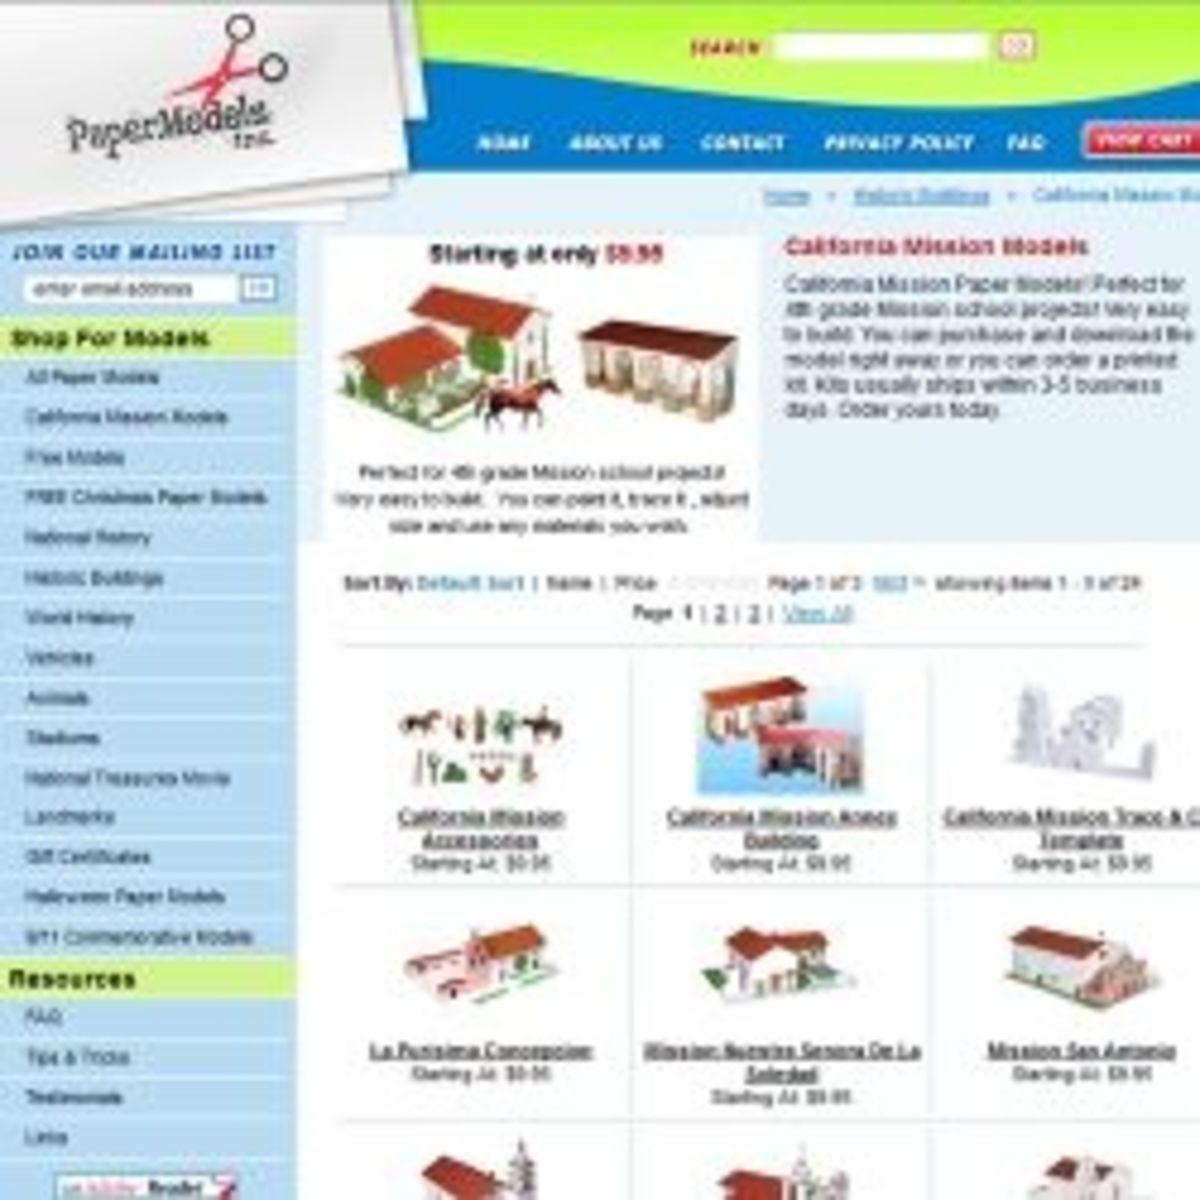 Go To PaperModels.com